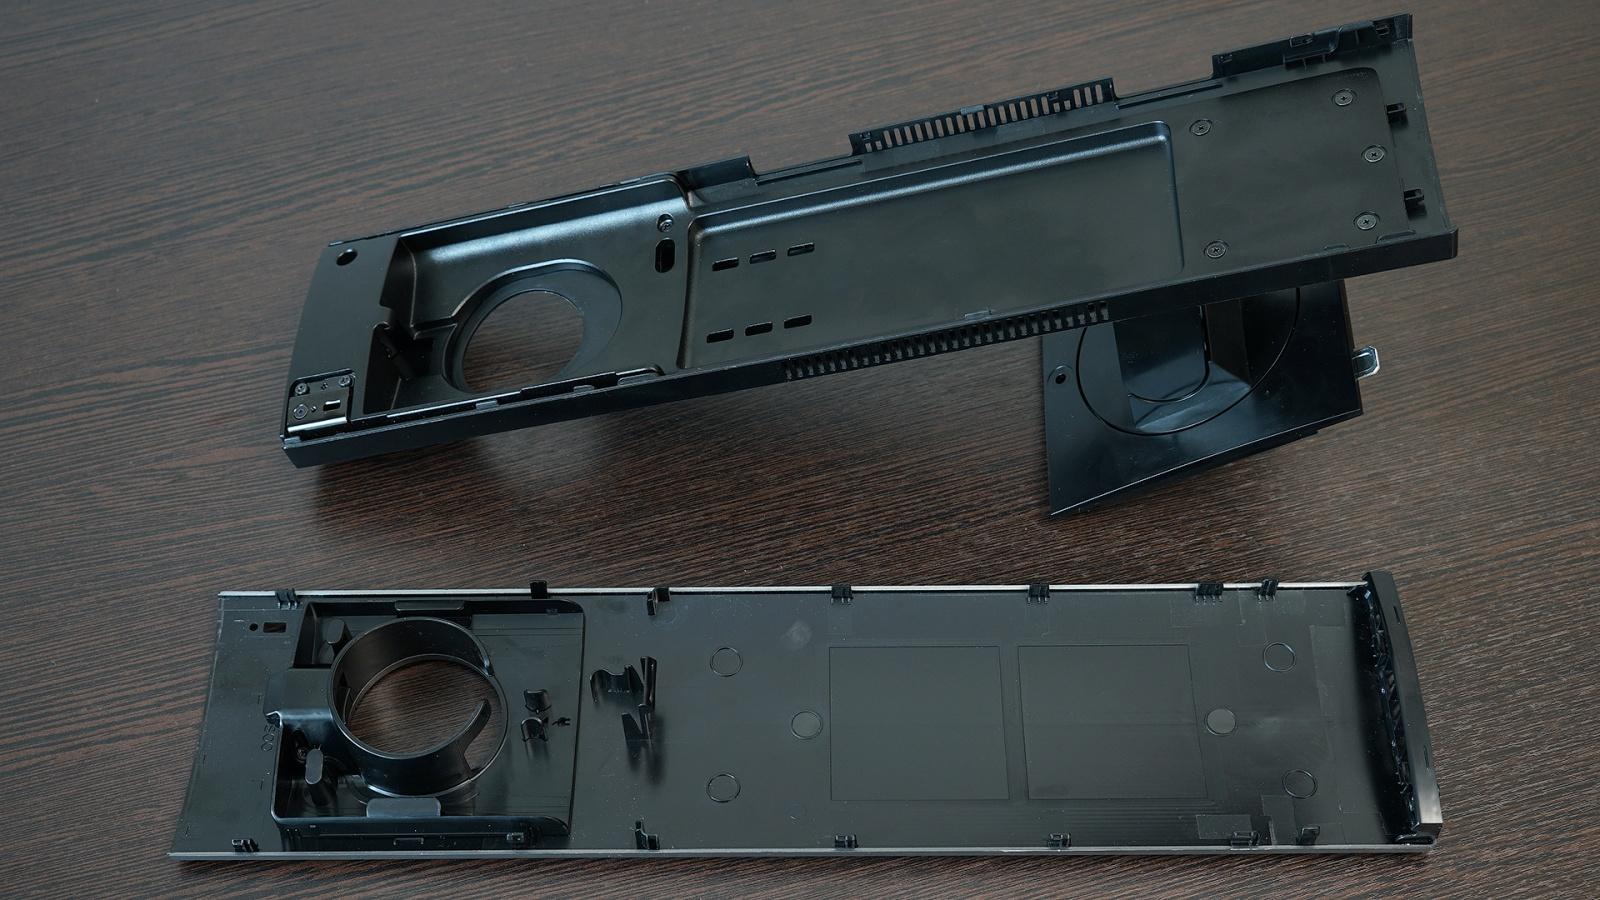 Dell OptiPlex 7070 Ultra: модульный компьютер, который превращает в моноблок любой монитор - 6